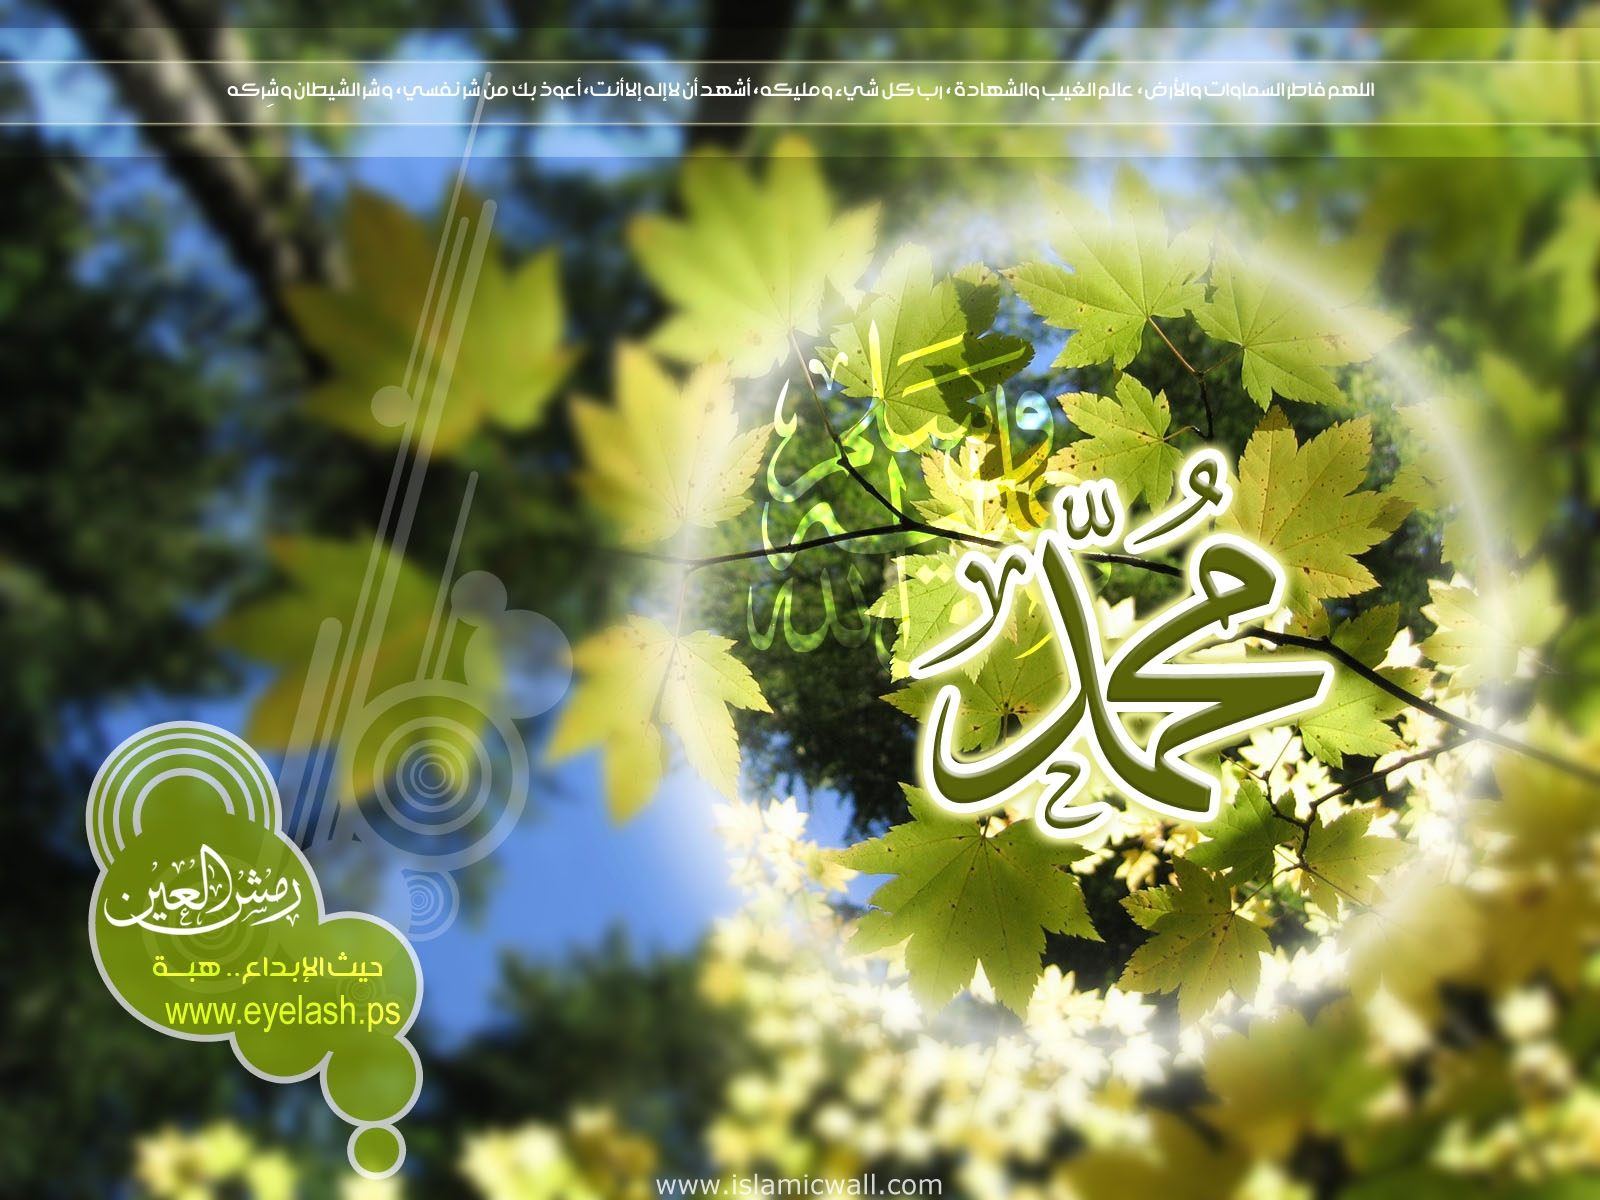 http://2.bp.blogspot.com/-5LStjlg7dfA/Tl4vM3Tho4I/AAAAAAAAA_A/-2U-epO_Zck/s1600/Muhammad_%2528PBUH%2529.jpg